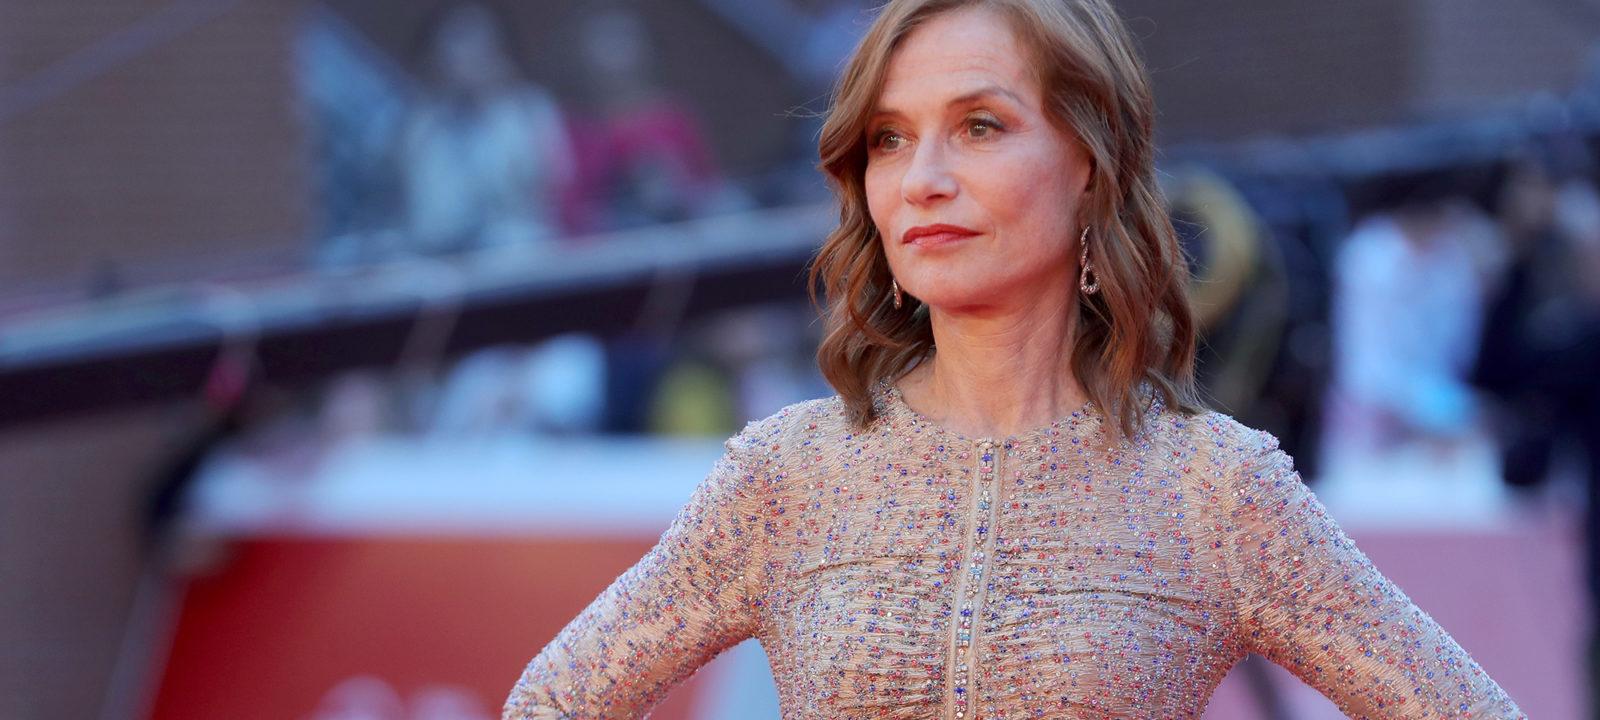 Isabelle Huppert Red Carpet – 13th Rome Film Fest